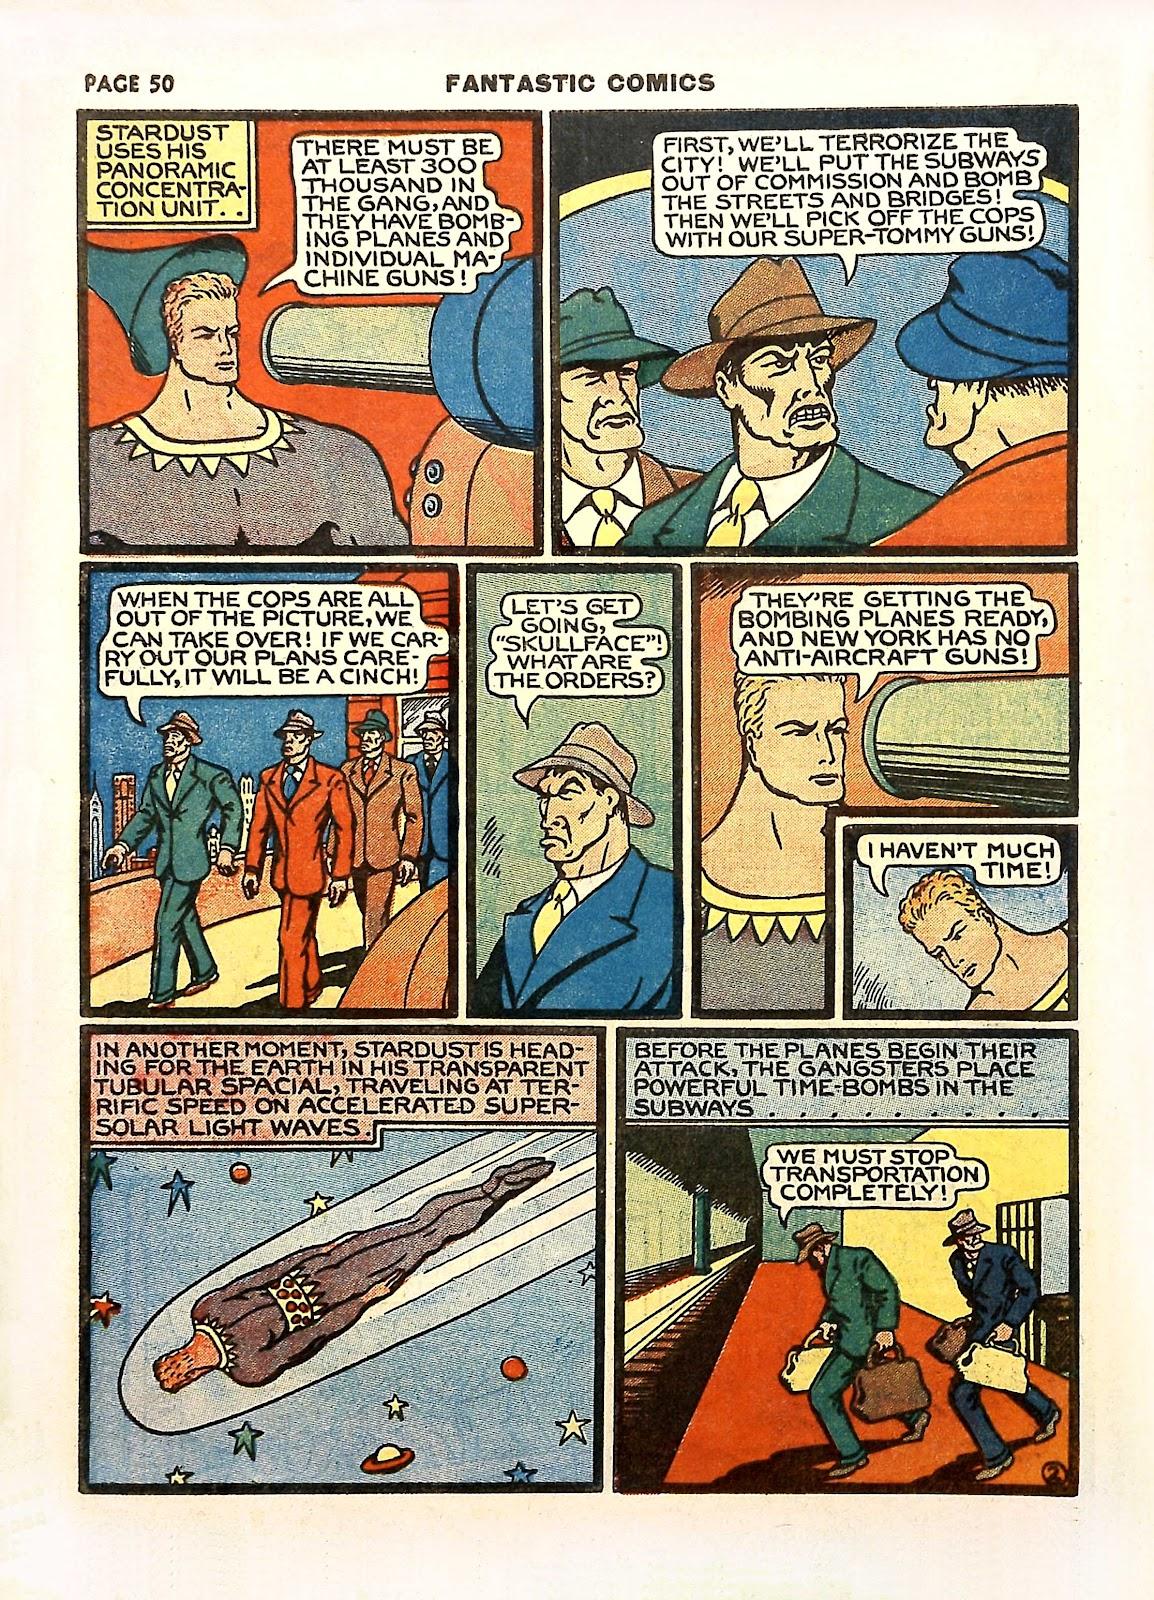 Read online Fantastic Comics comic -  Issue #11 - 53